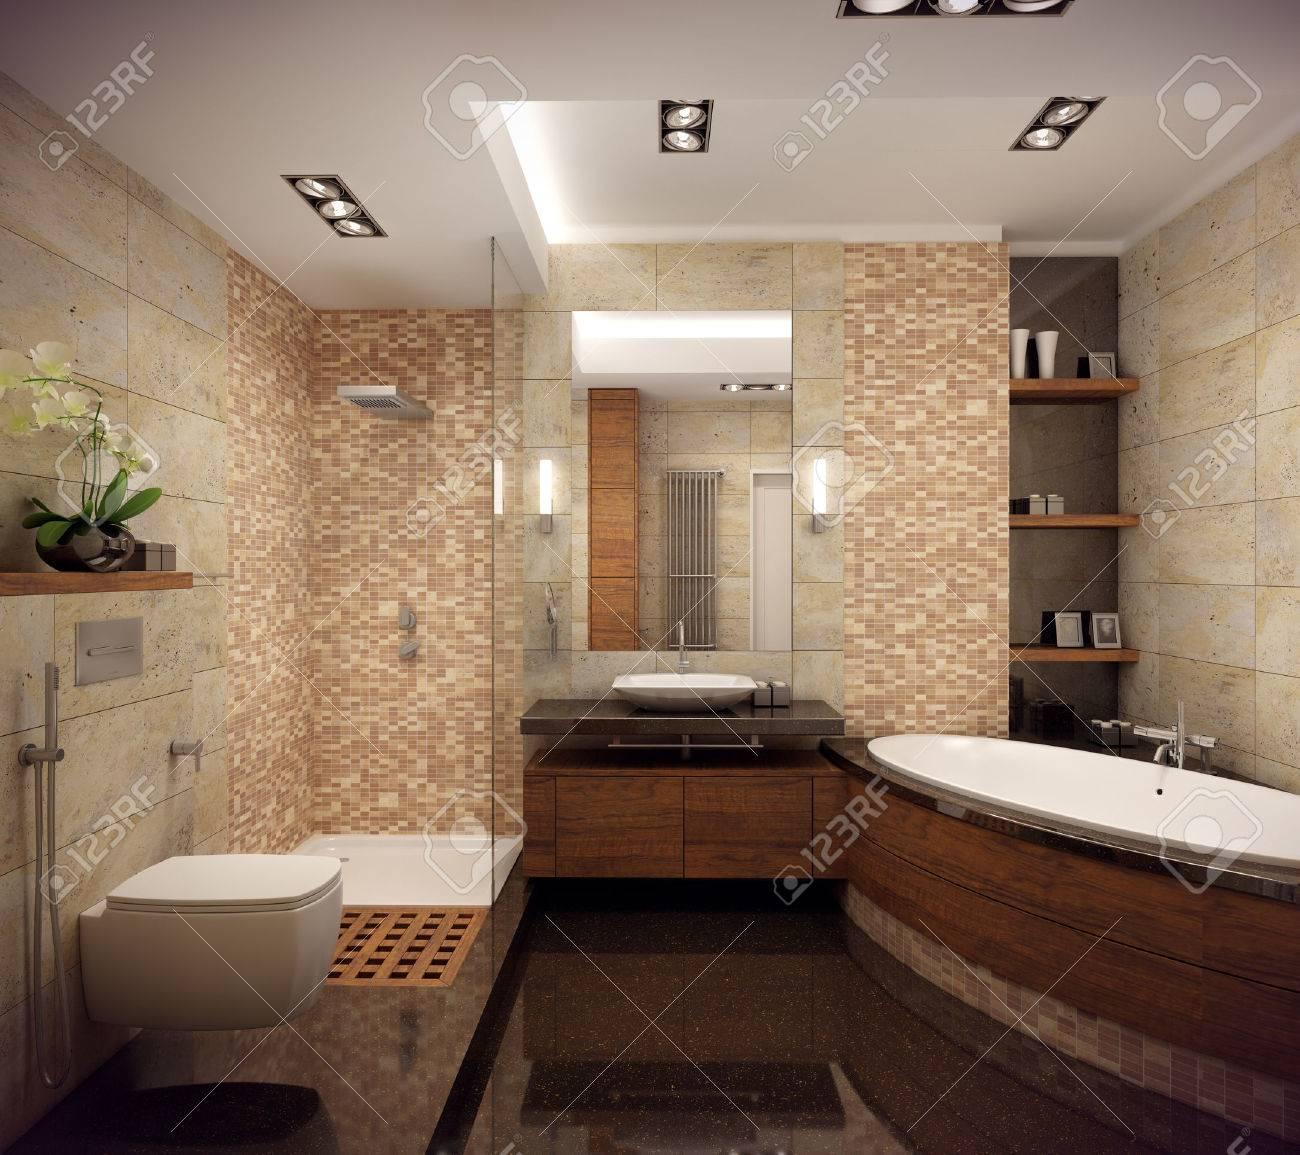 Representación 3D Del Interior Del Cuarto De Baño En Un Estilo ...